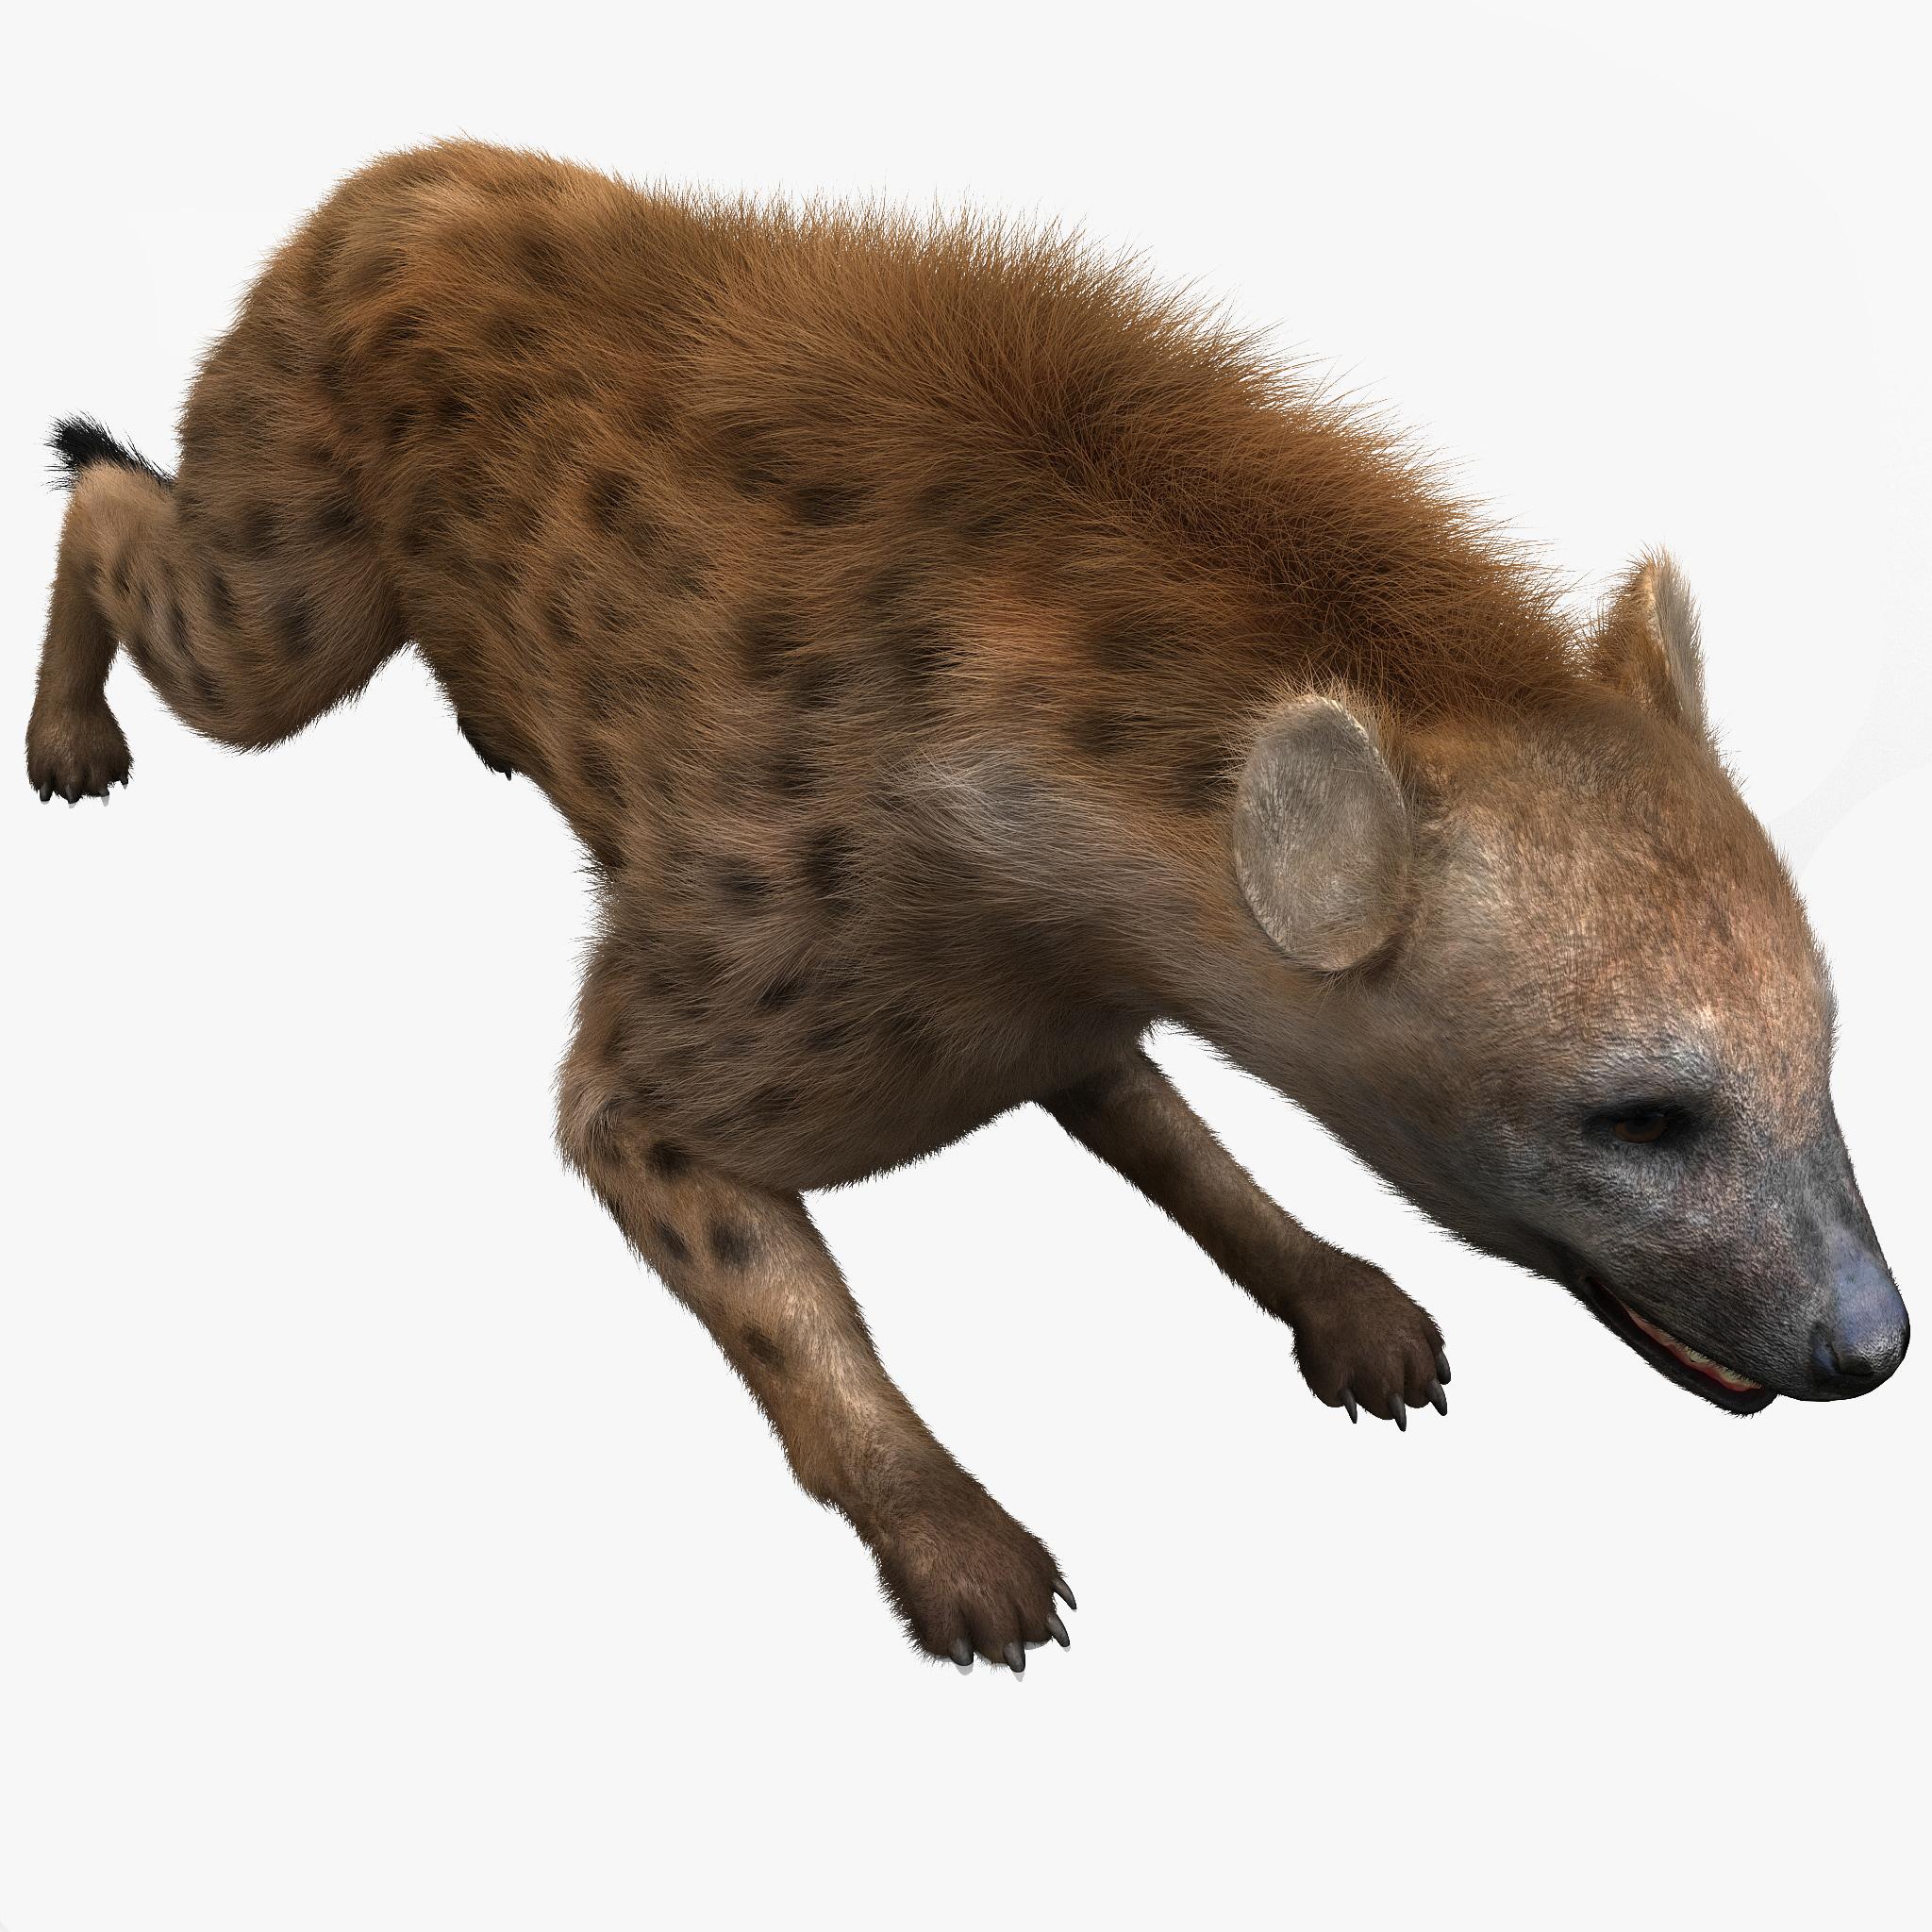 Hyena 2014 Review 3d hyena pose 5...